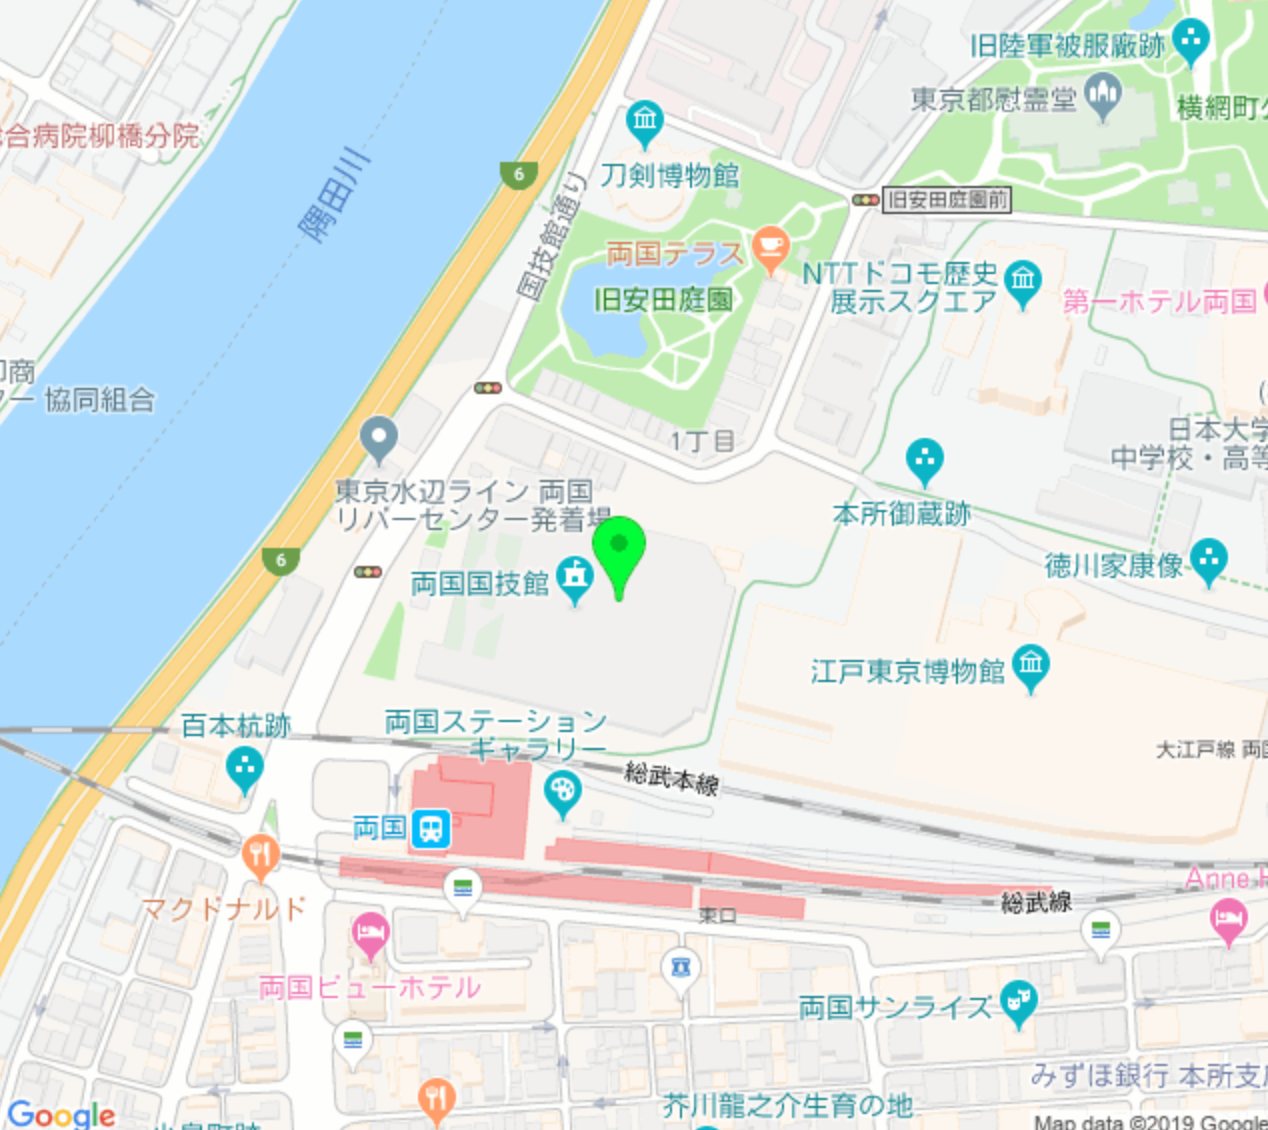 スクリーンショット 2019-03-29 13.55.54